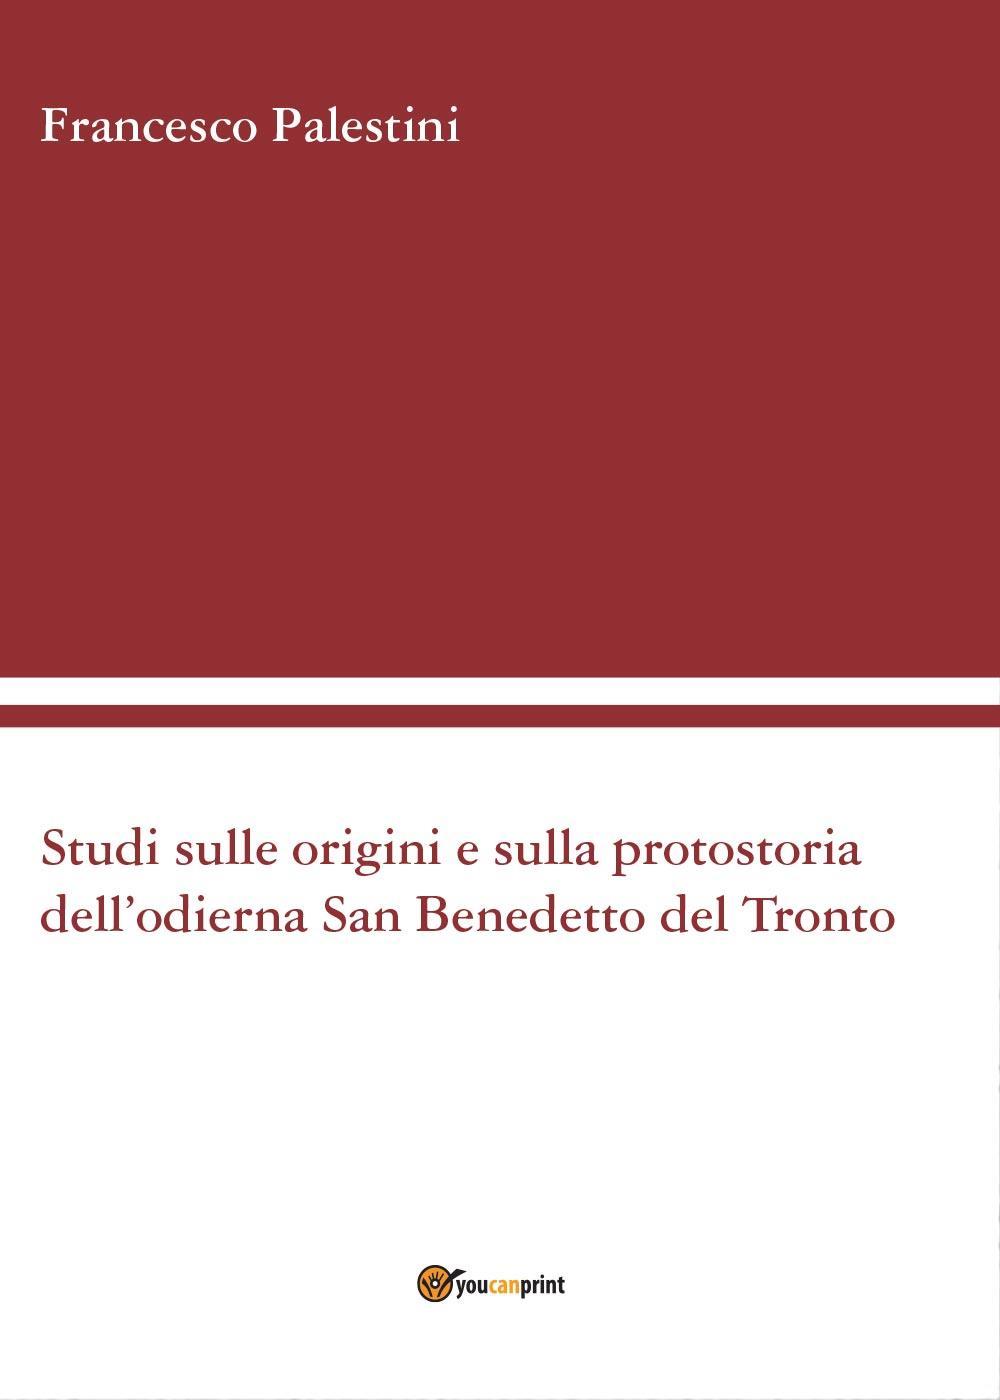 Studi sulle origini e sulla protostoria dell'odierna San Benedetto del Tronto